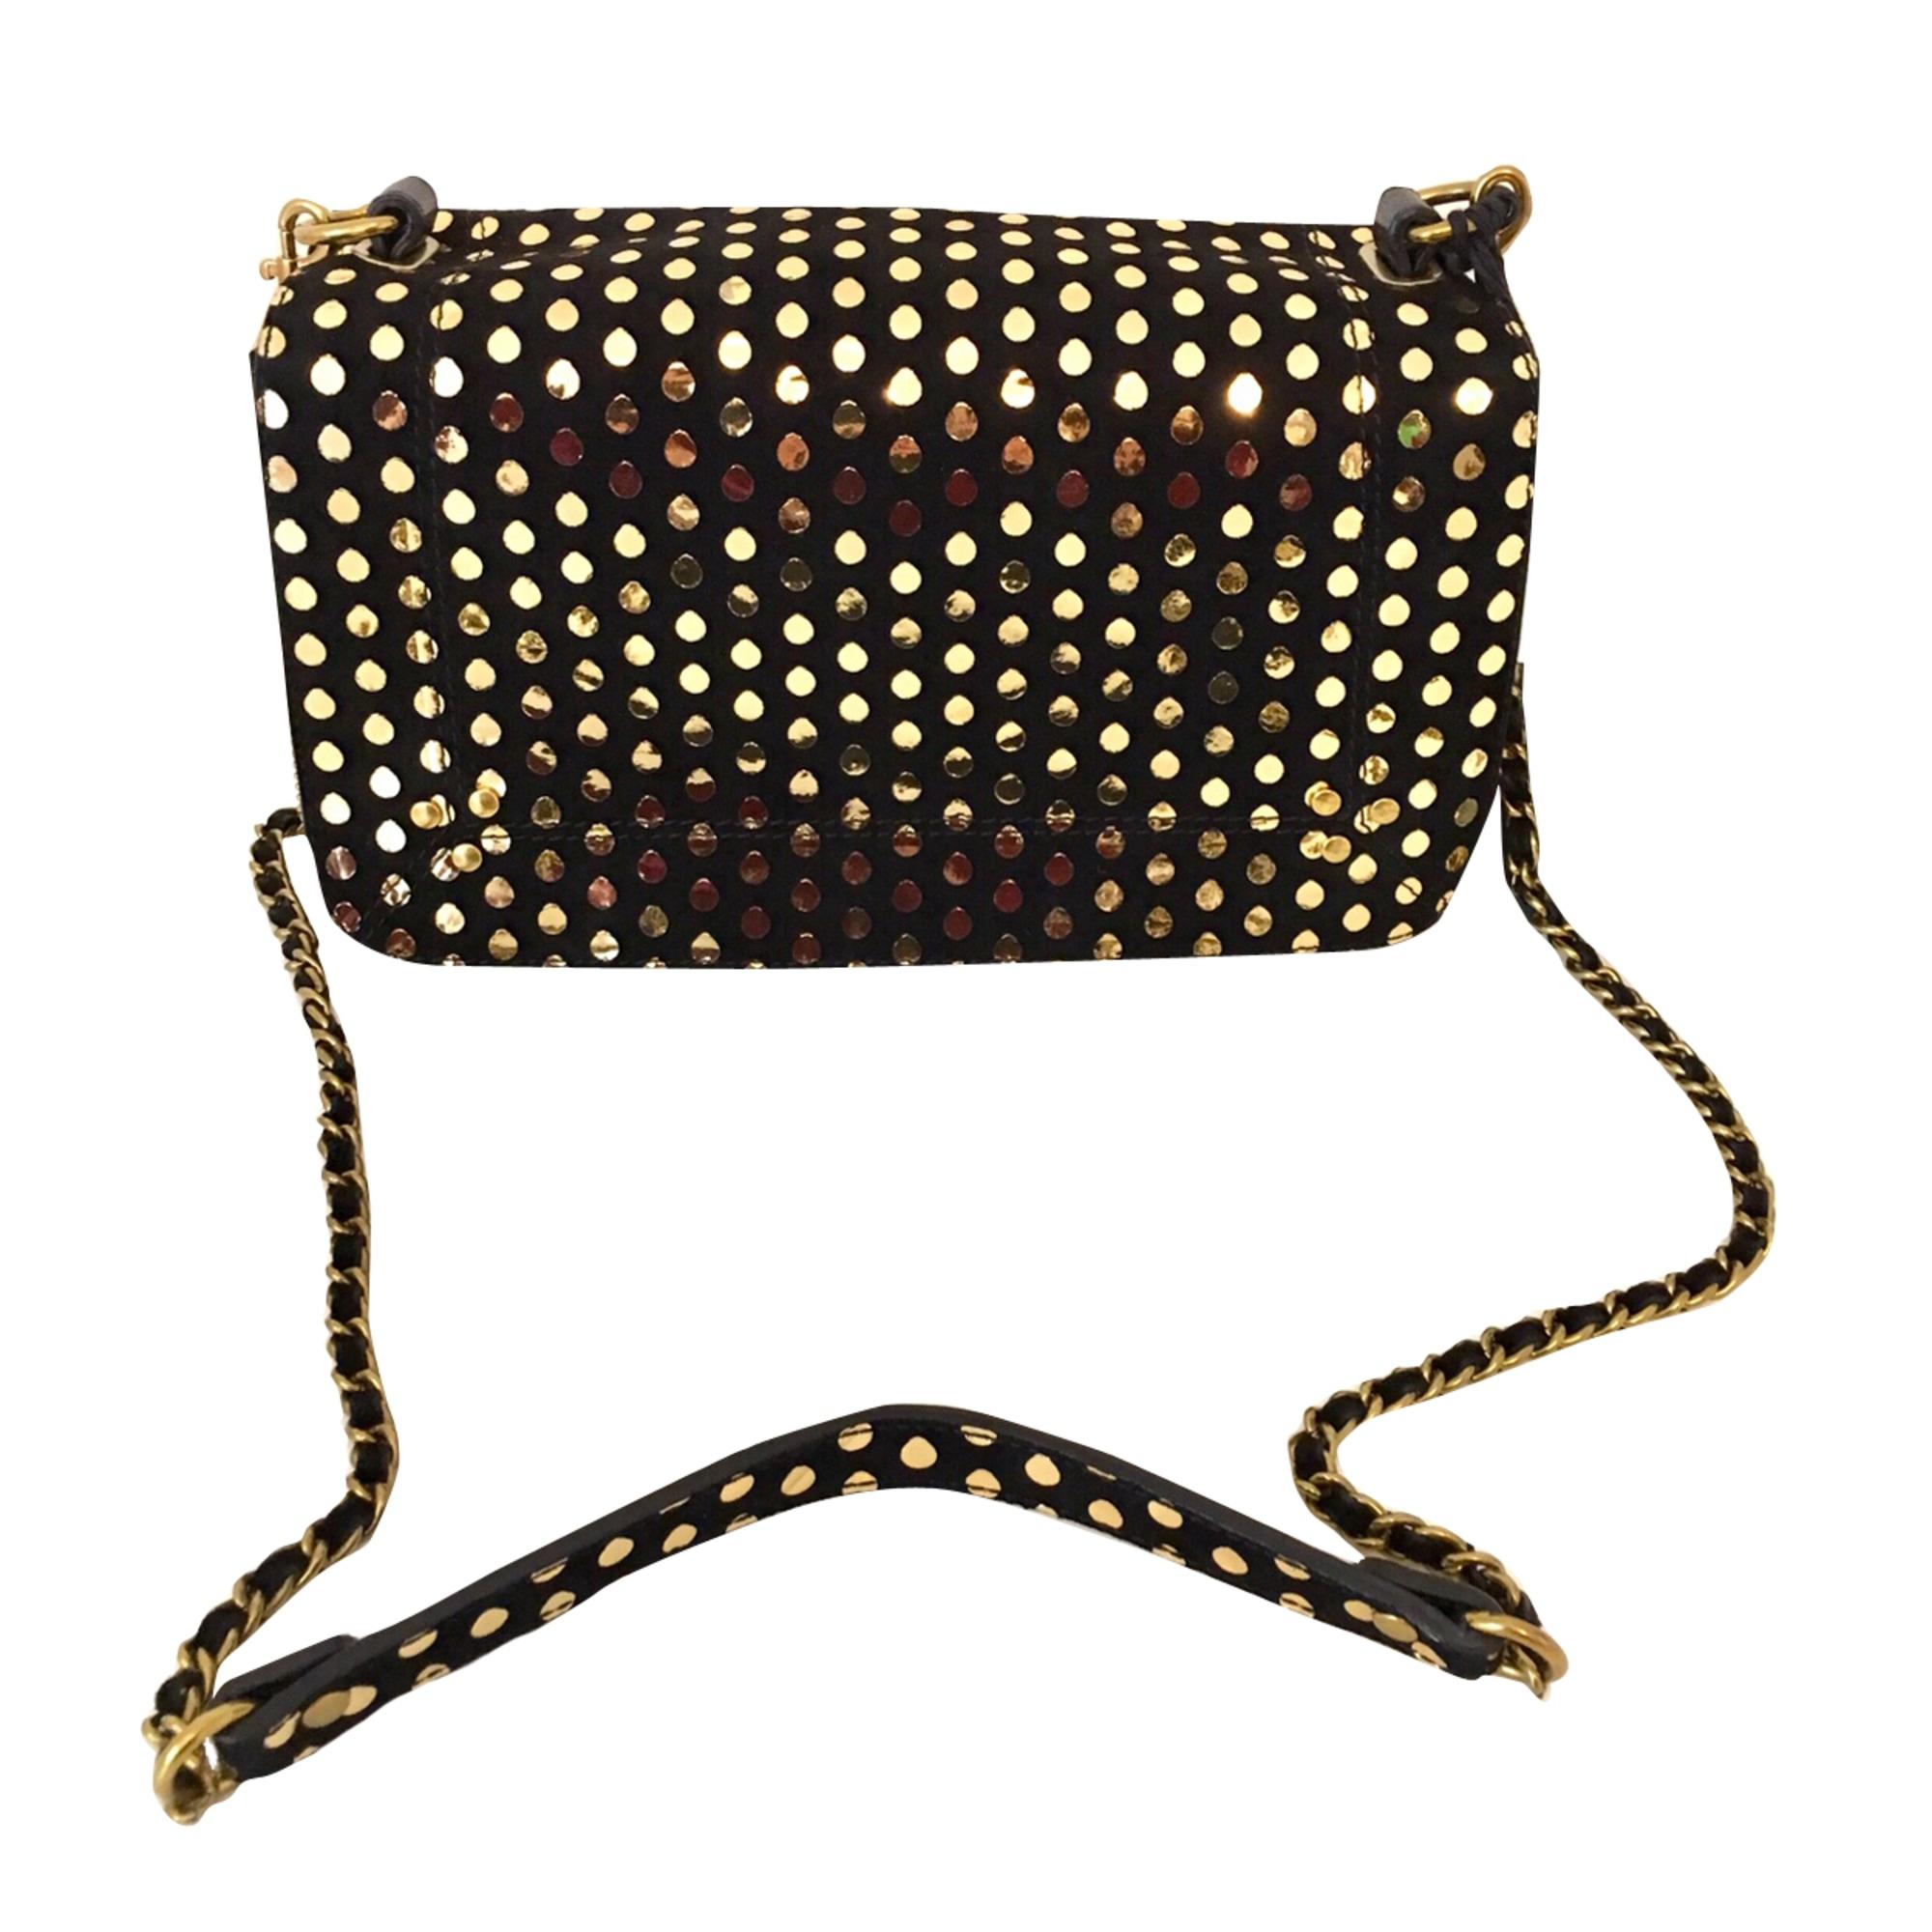 Leather Shoulder Bag JEROME DREYFUSS Noir doré